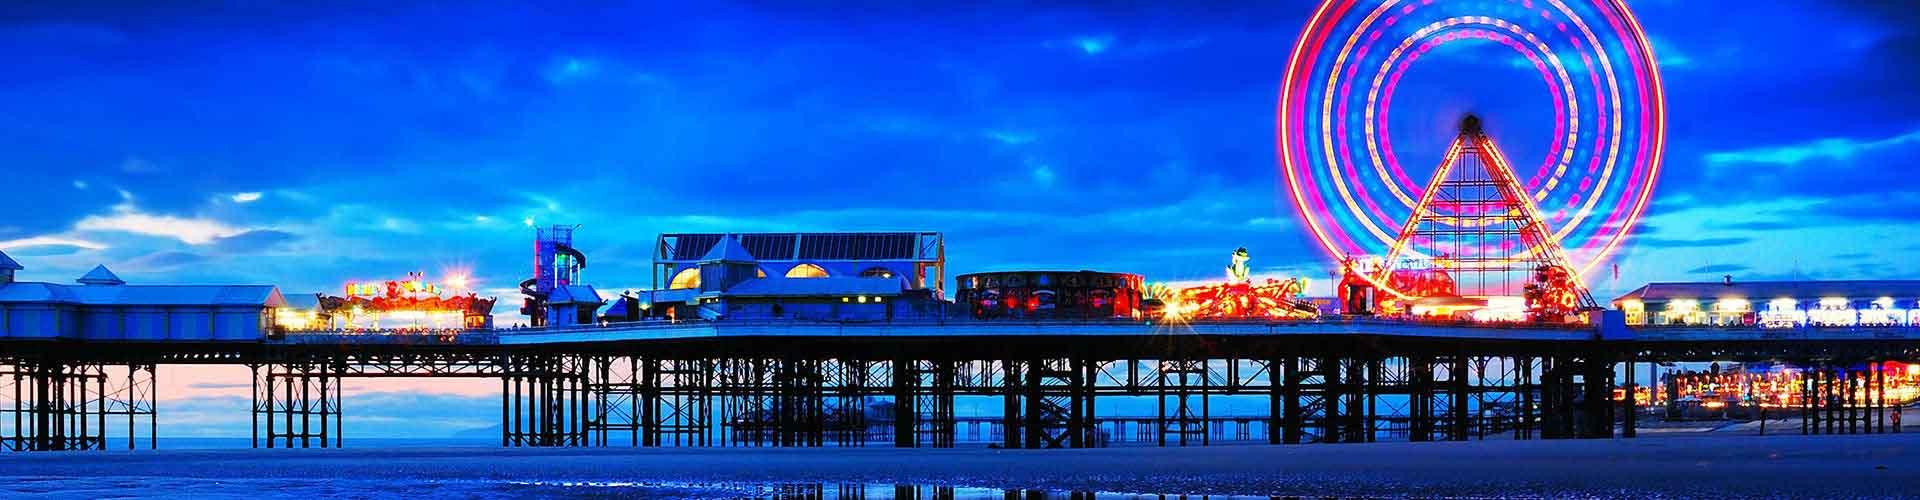 Blackpool - Hostelů v Blackpool. Mapy pro Blackpool, fotky a recenze pro každý hostel v Blackpool.